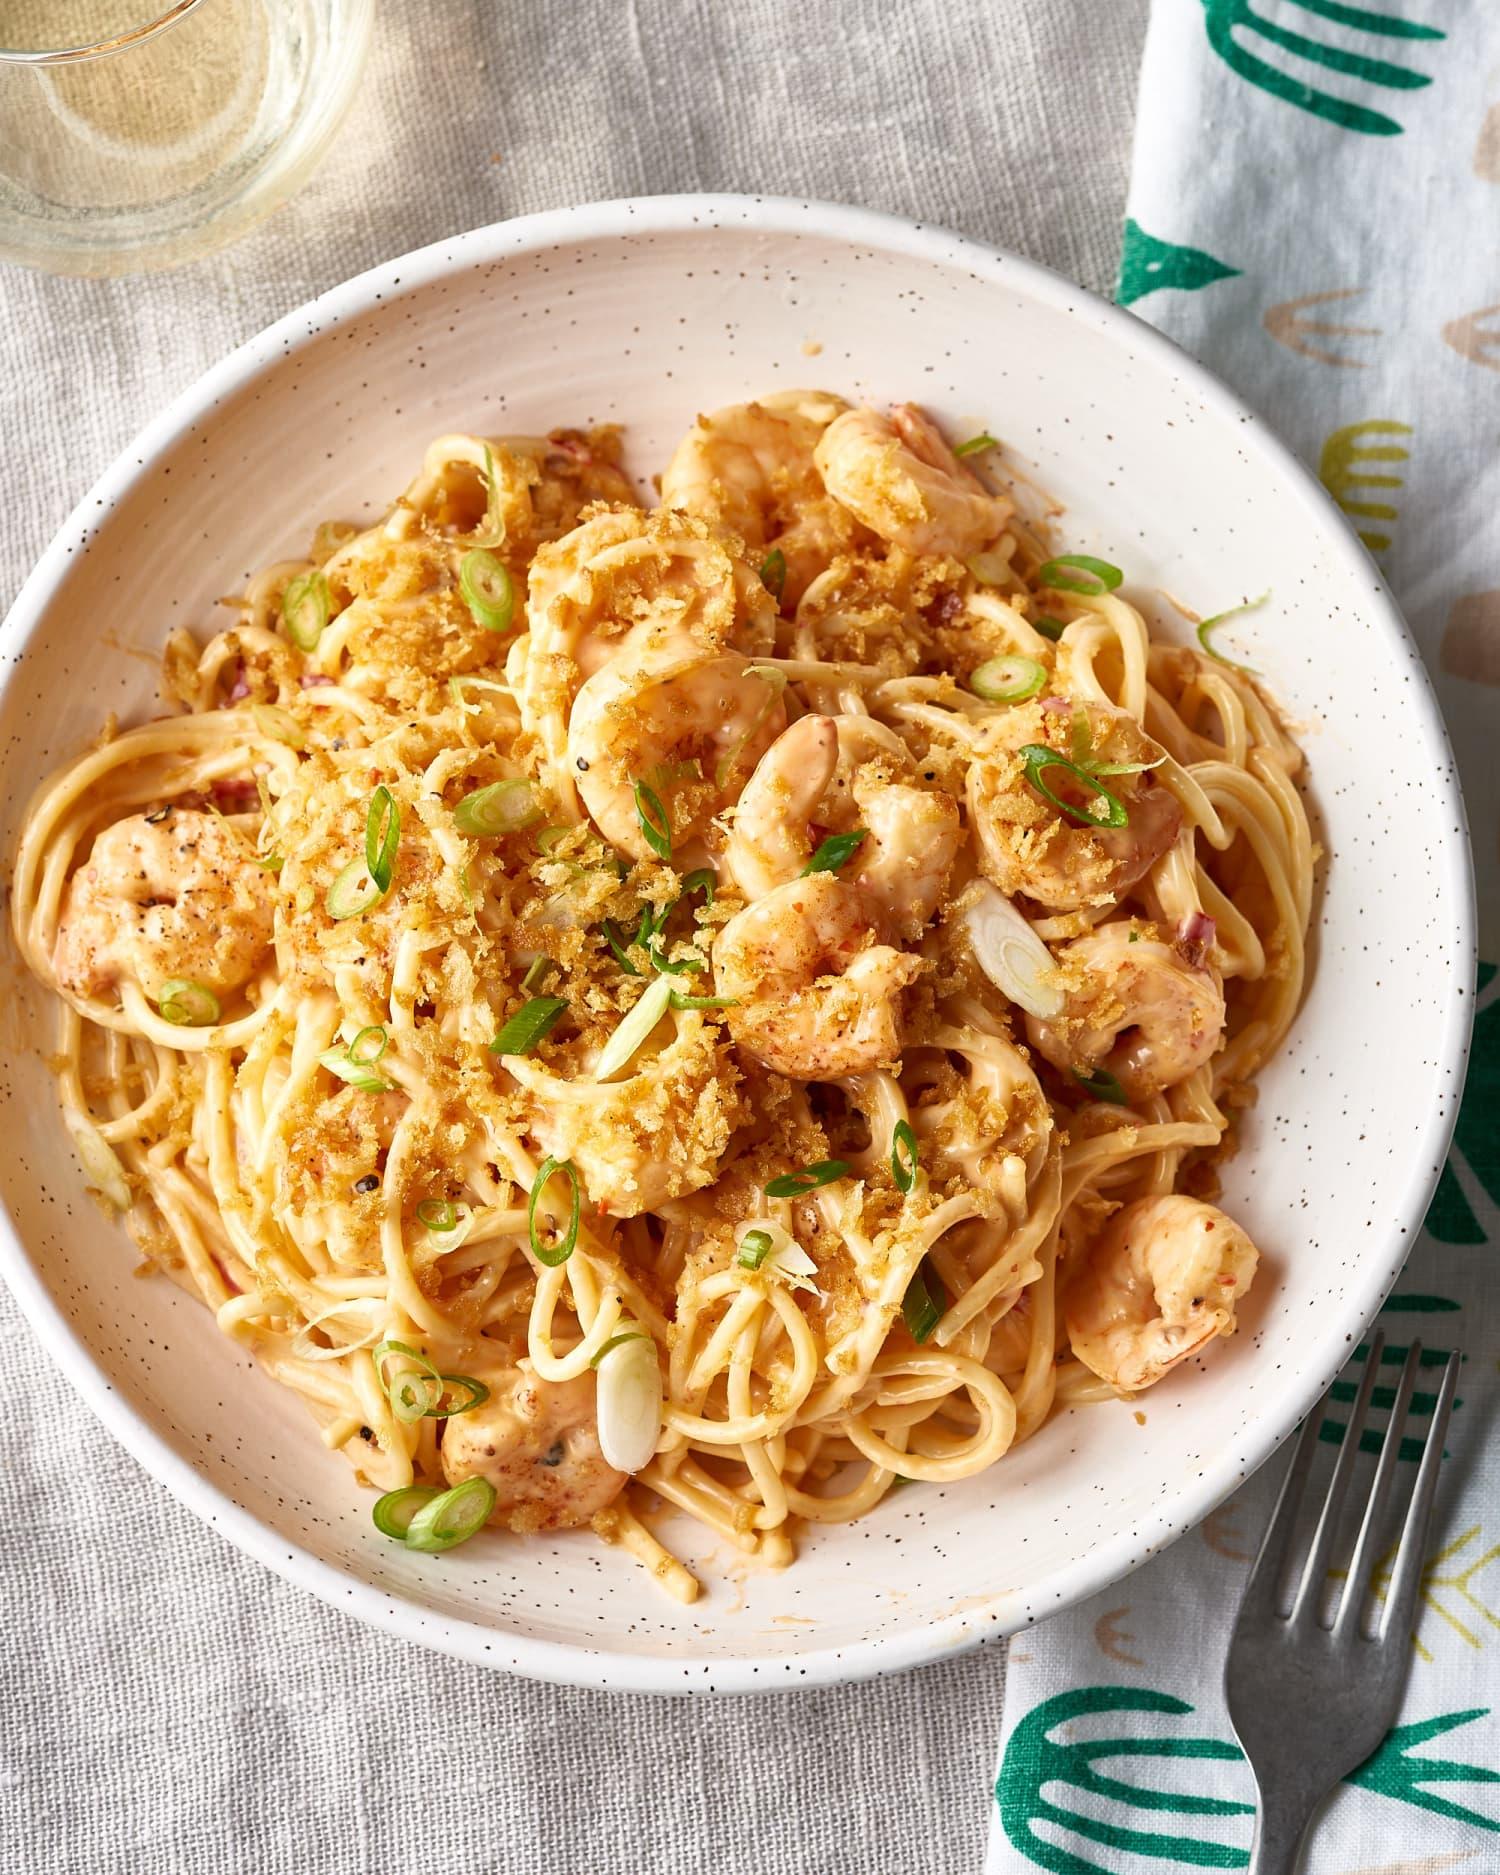 Recipe: Easy Bang Bang Shrimp Pasta